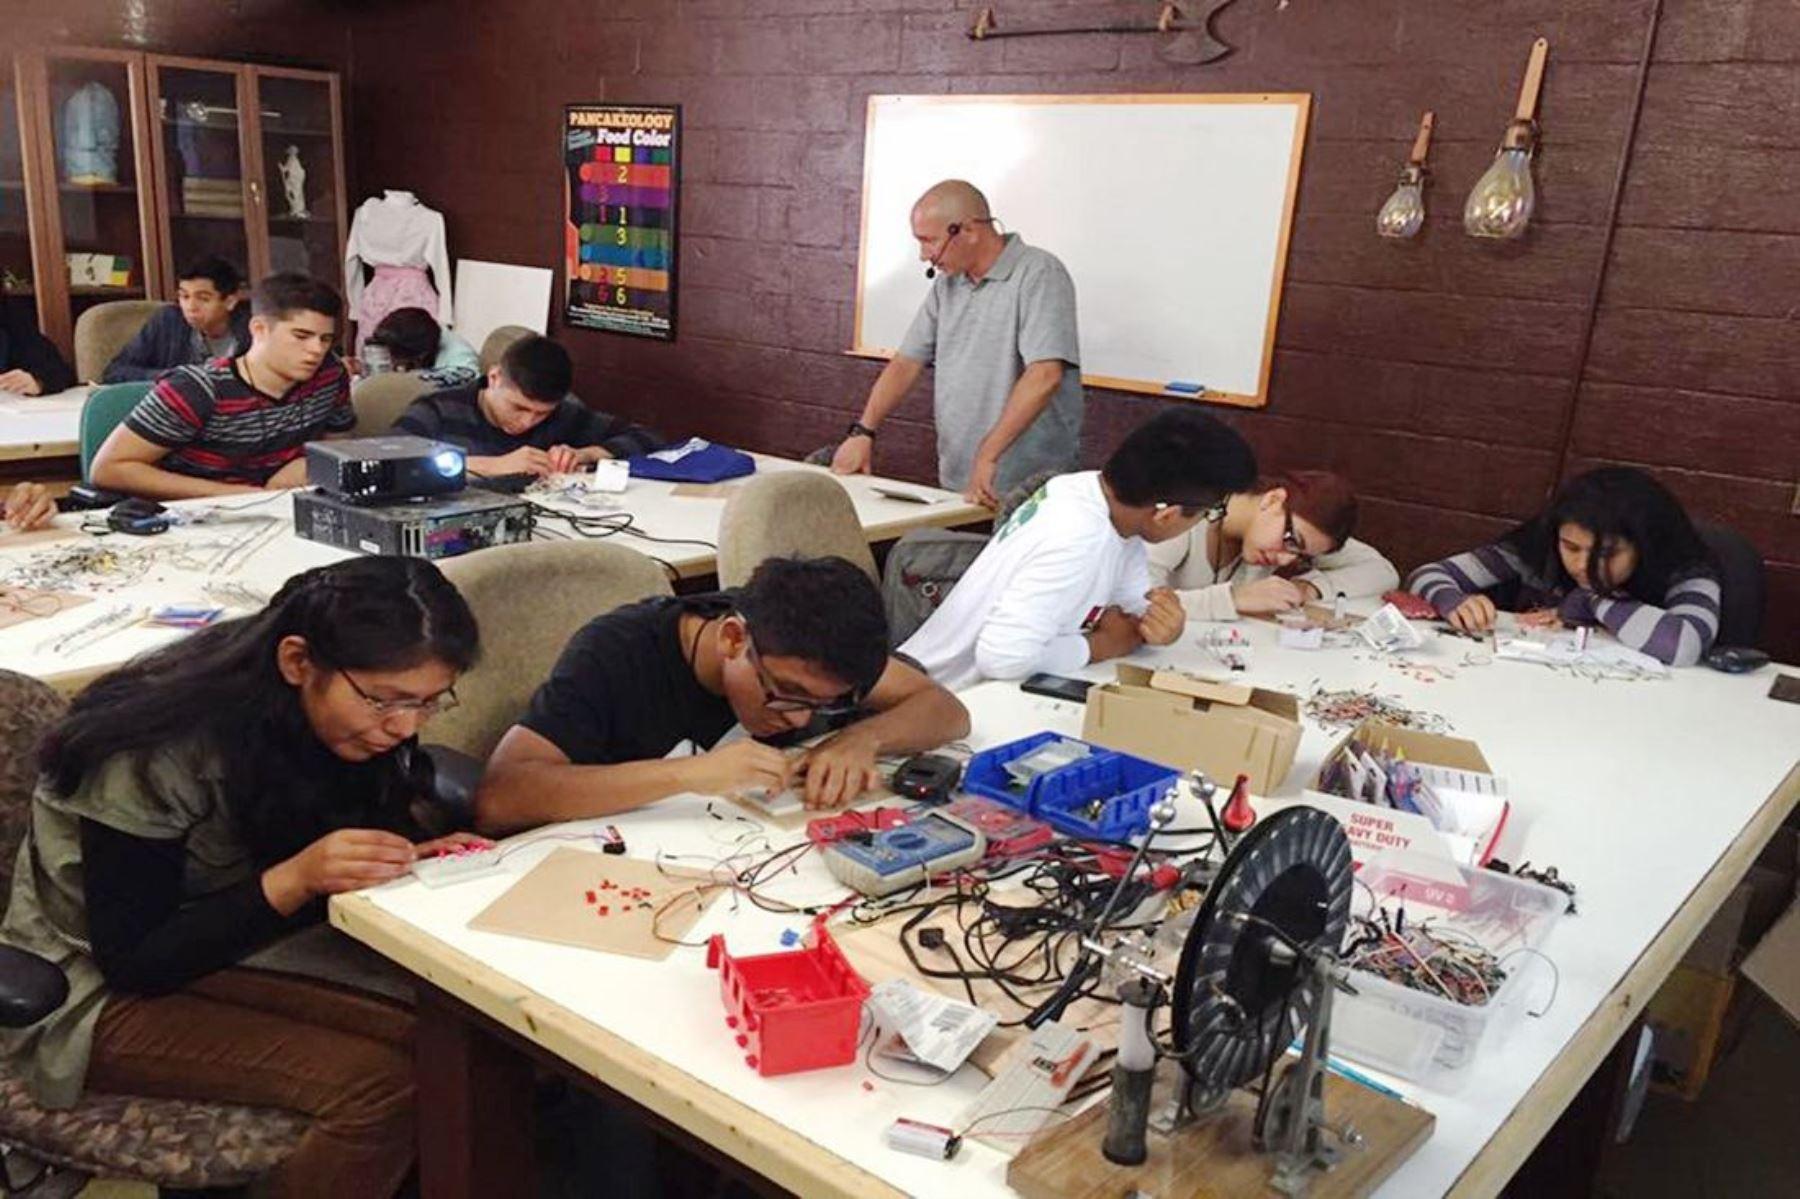 Escolares peruanos participarán en campamento científico en EE. UU. Foto: ANDINA/Difusión.